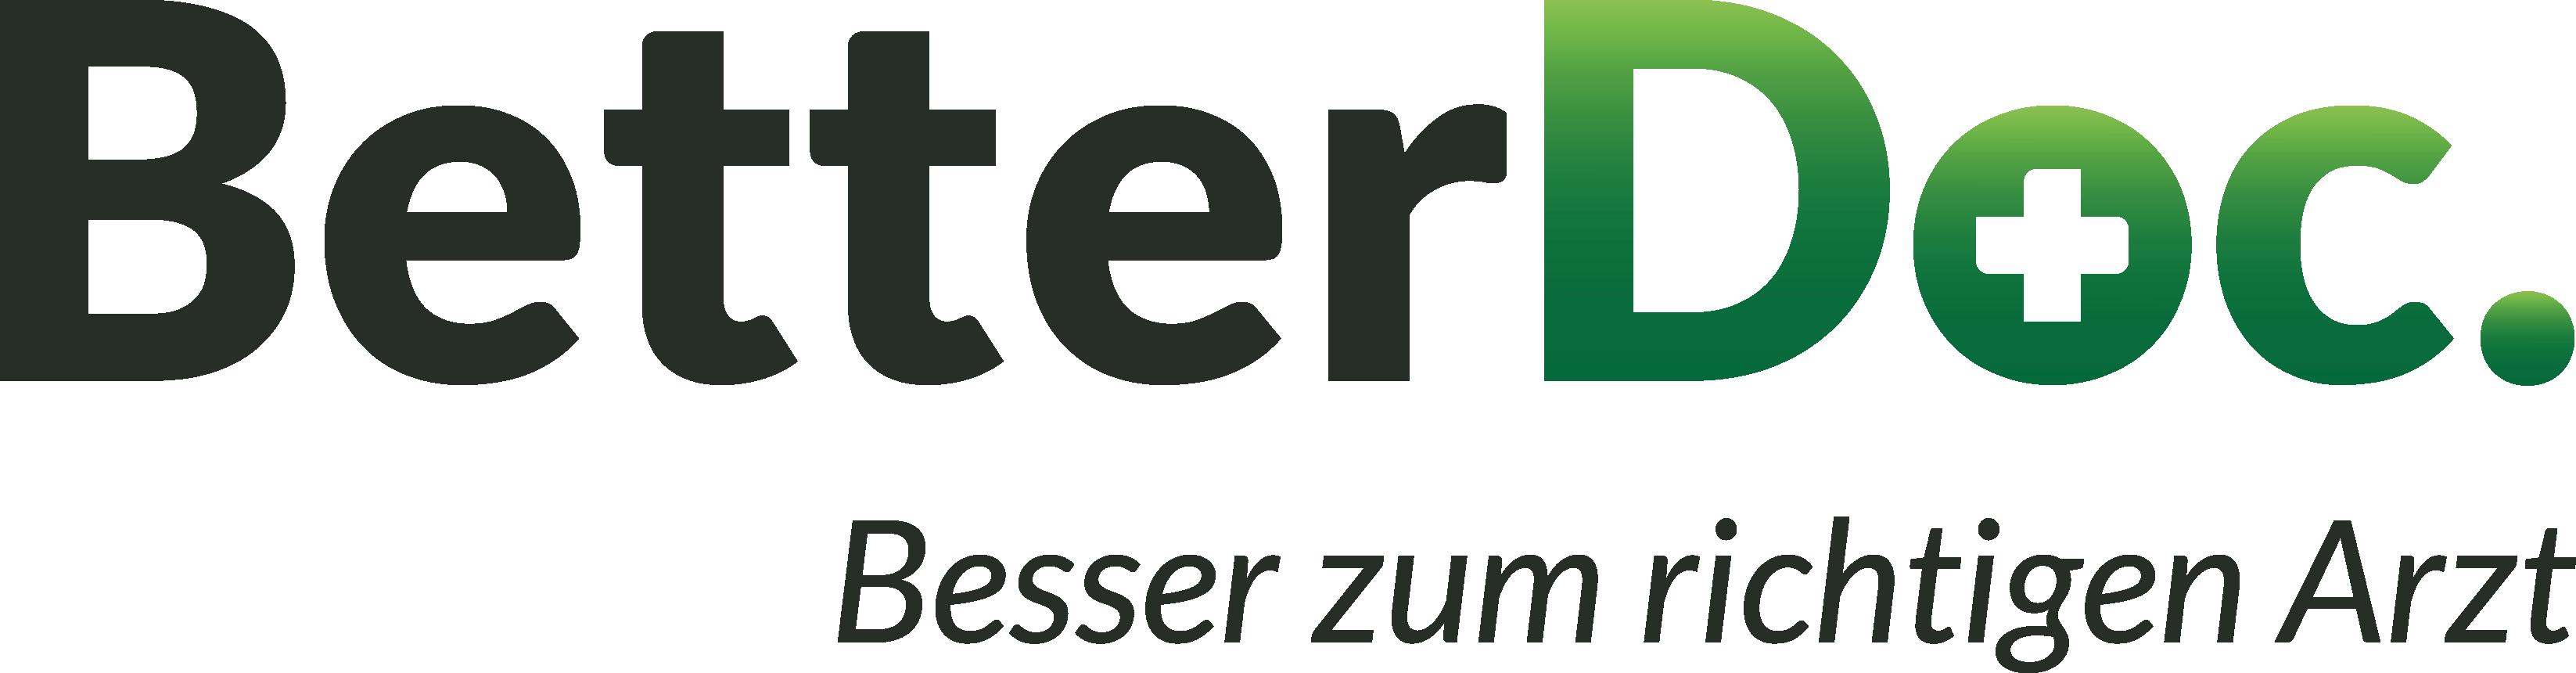 Werkstudent (m/w/d) Datenschutz - BetterDoc GmbH - Logo